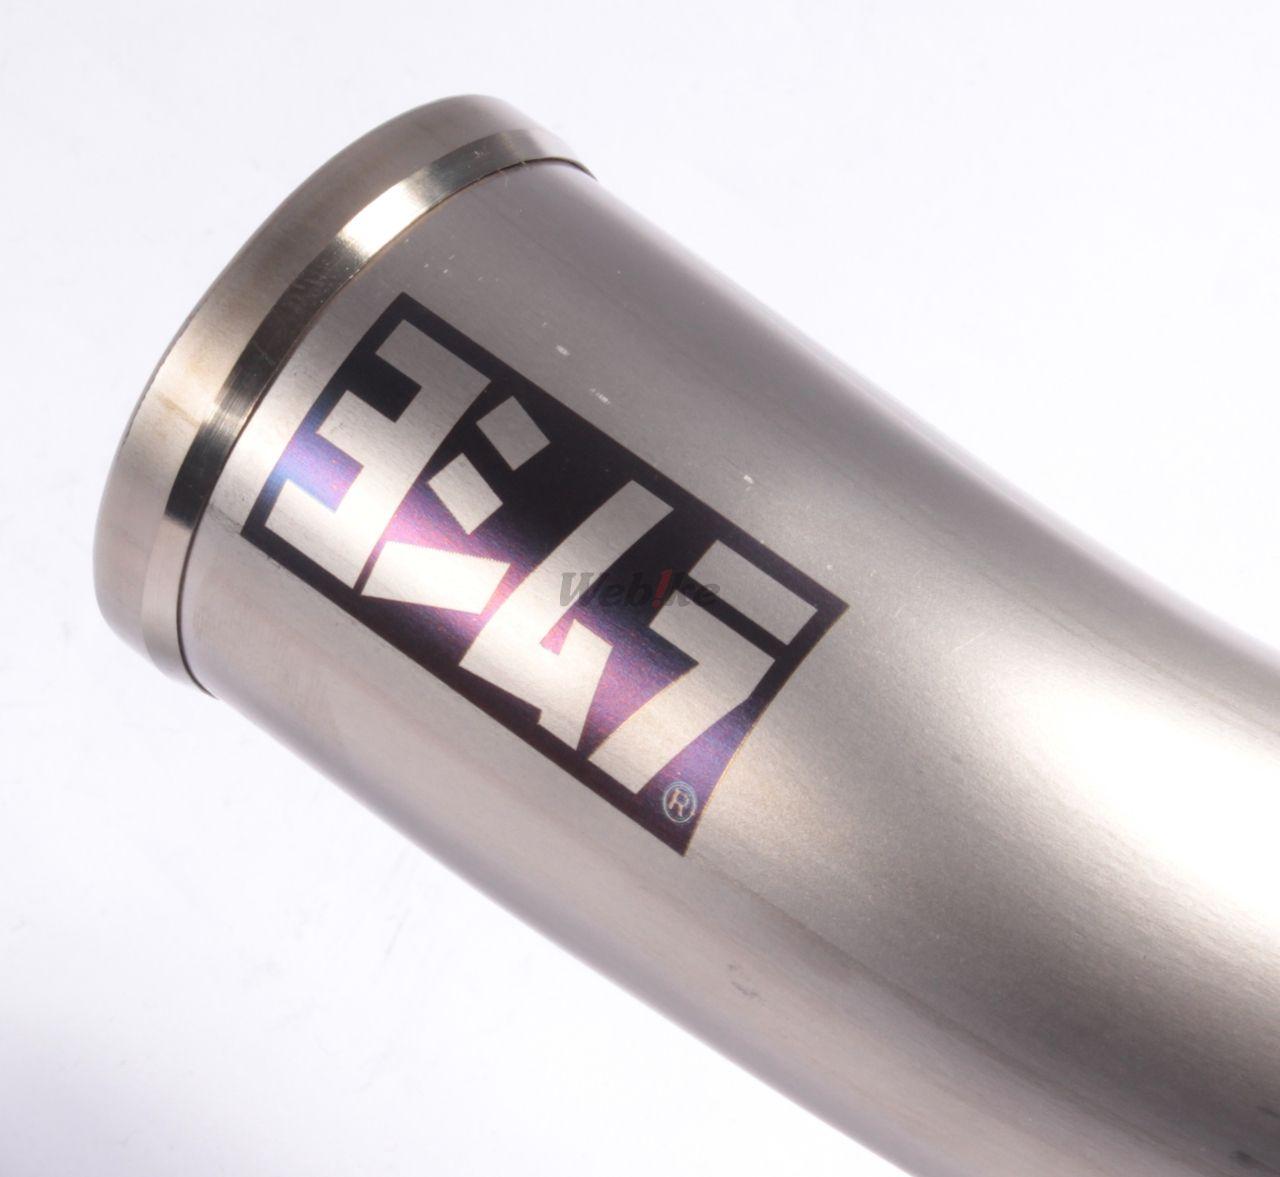 【YOSHIMURA】RACING TITANIUM CYCLONE全段排氣管 - 「Webike-摩托百貨」